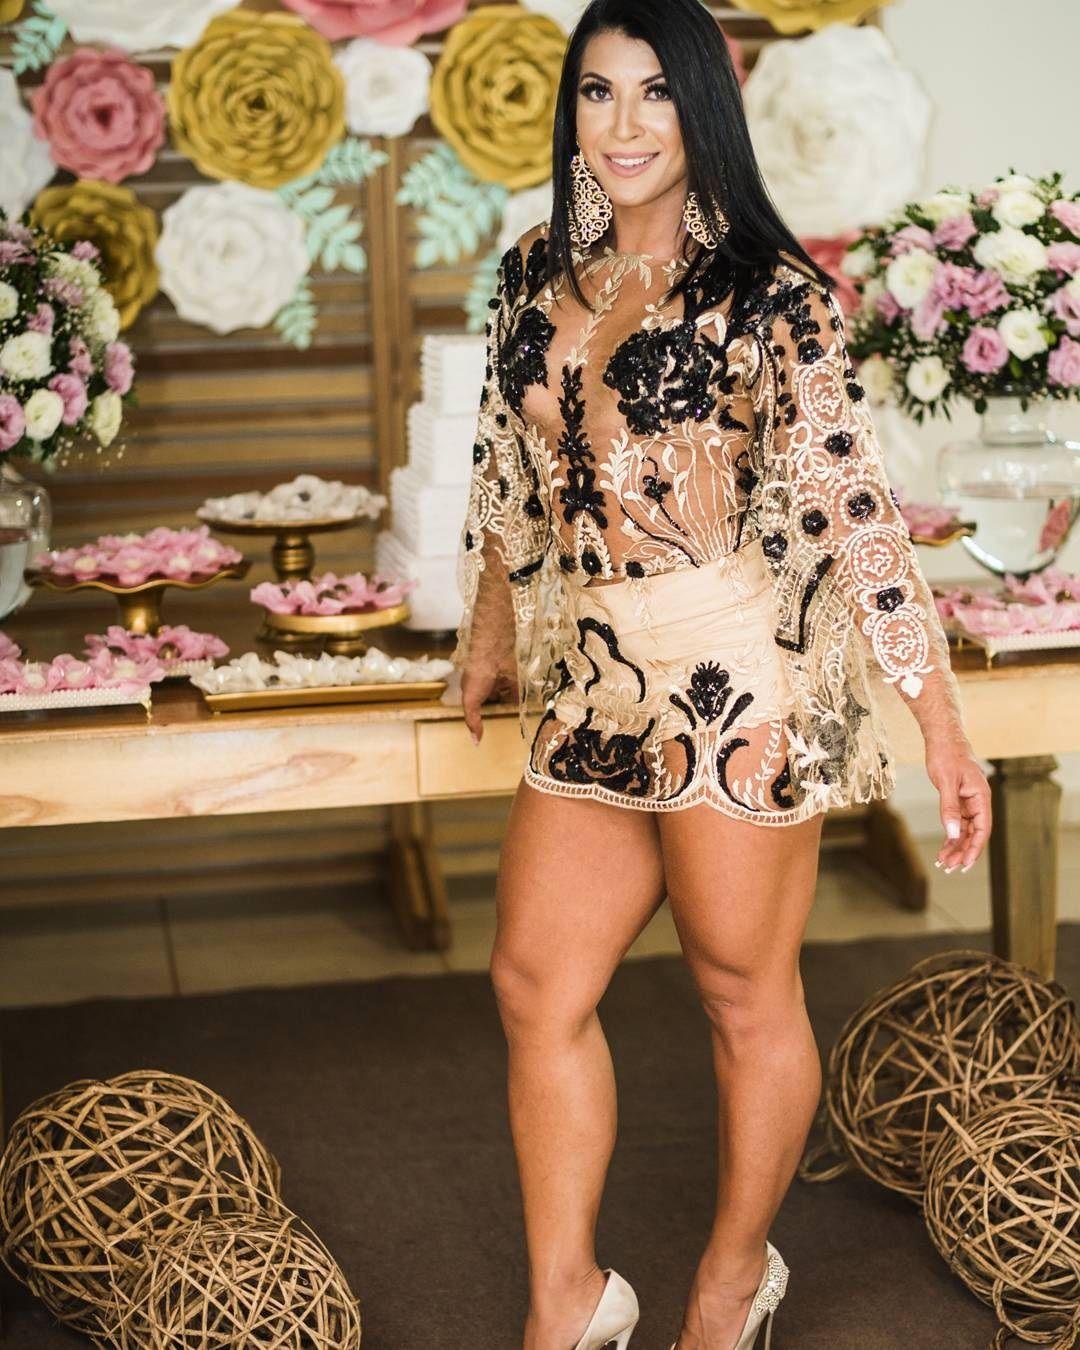 Priscila Pires exibe corpão após duas gestações / Divulgação/Instagram